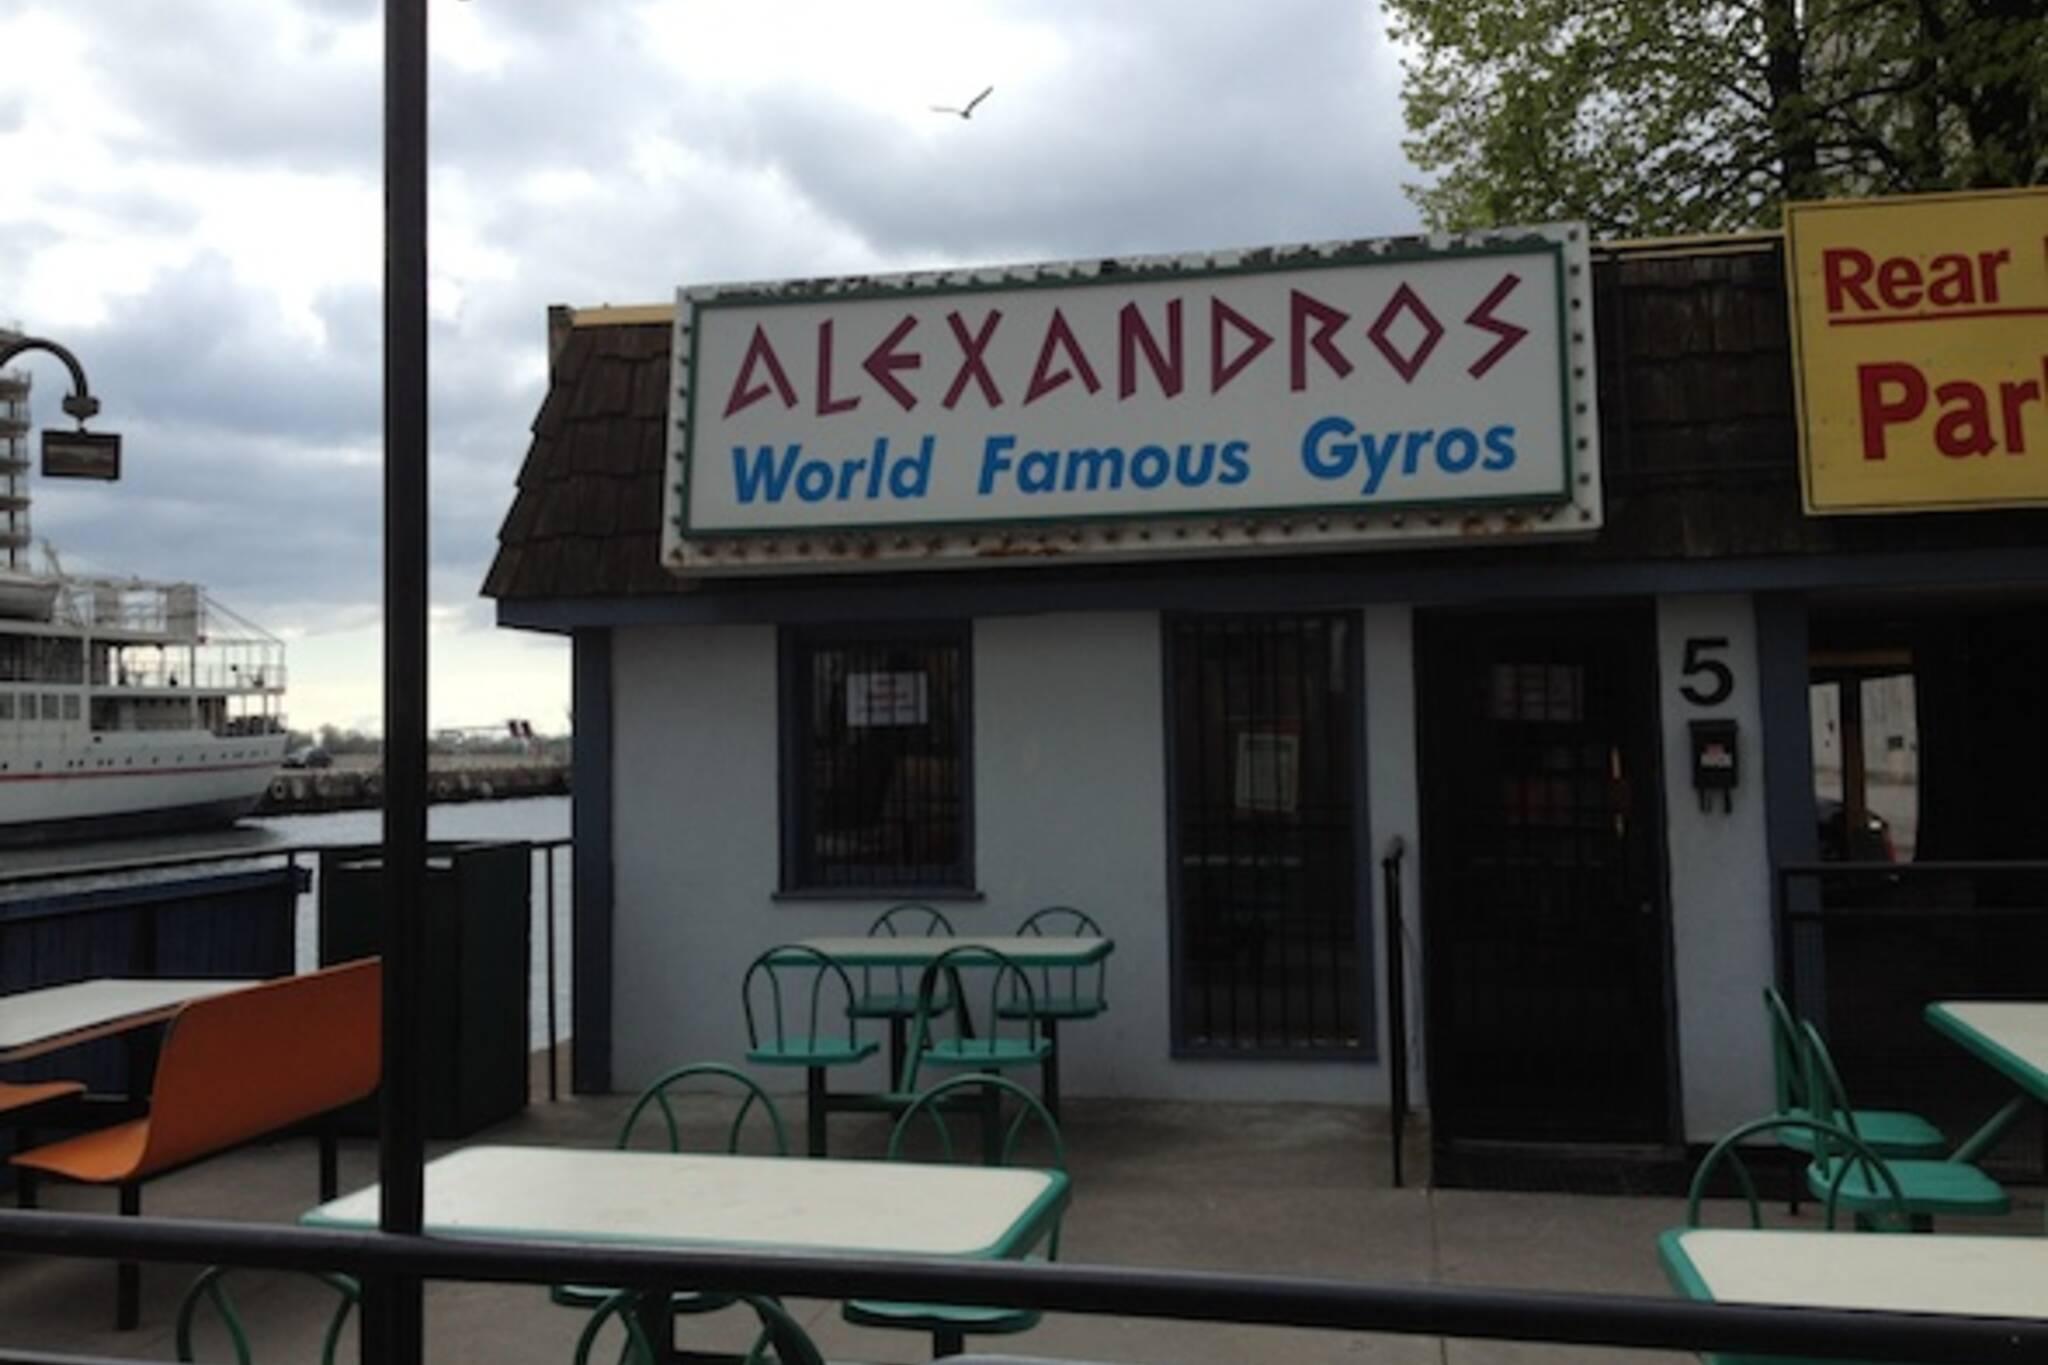 Alexandros Toronto